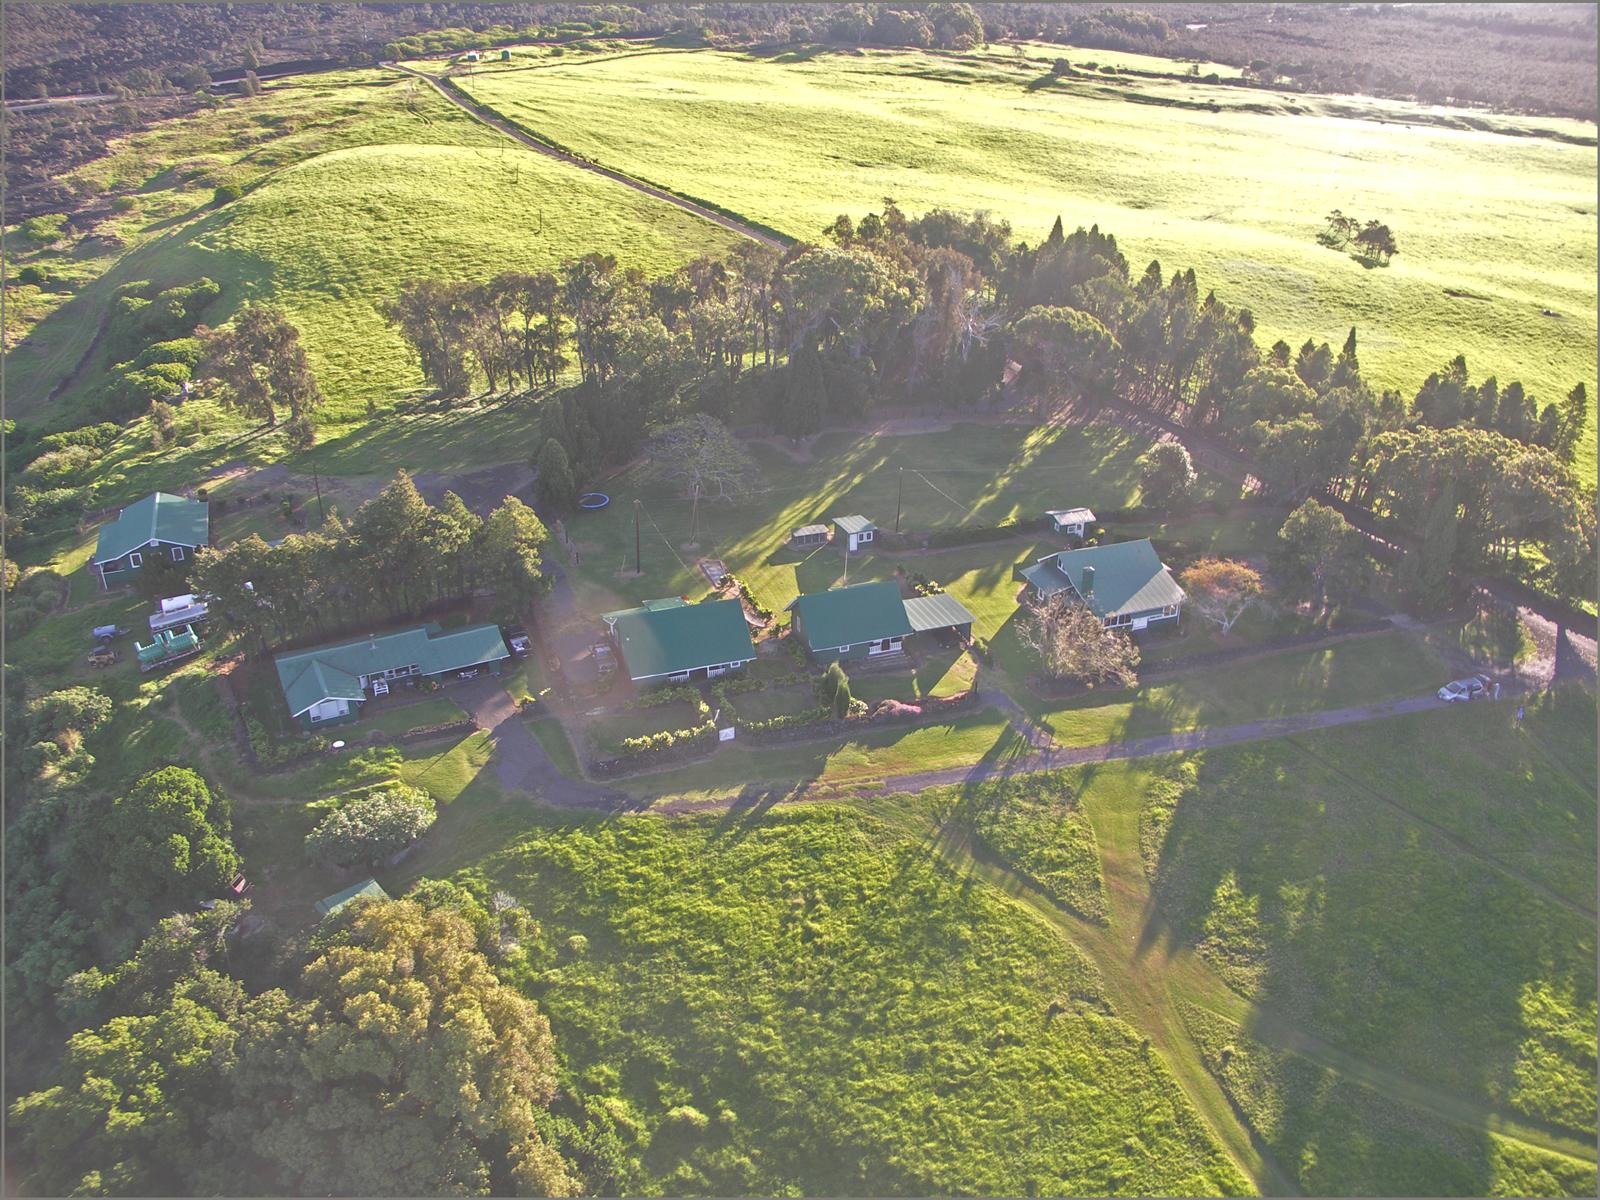 aerial of village finaisehd.jpg